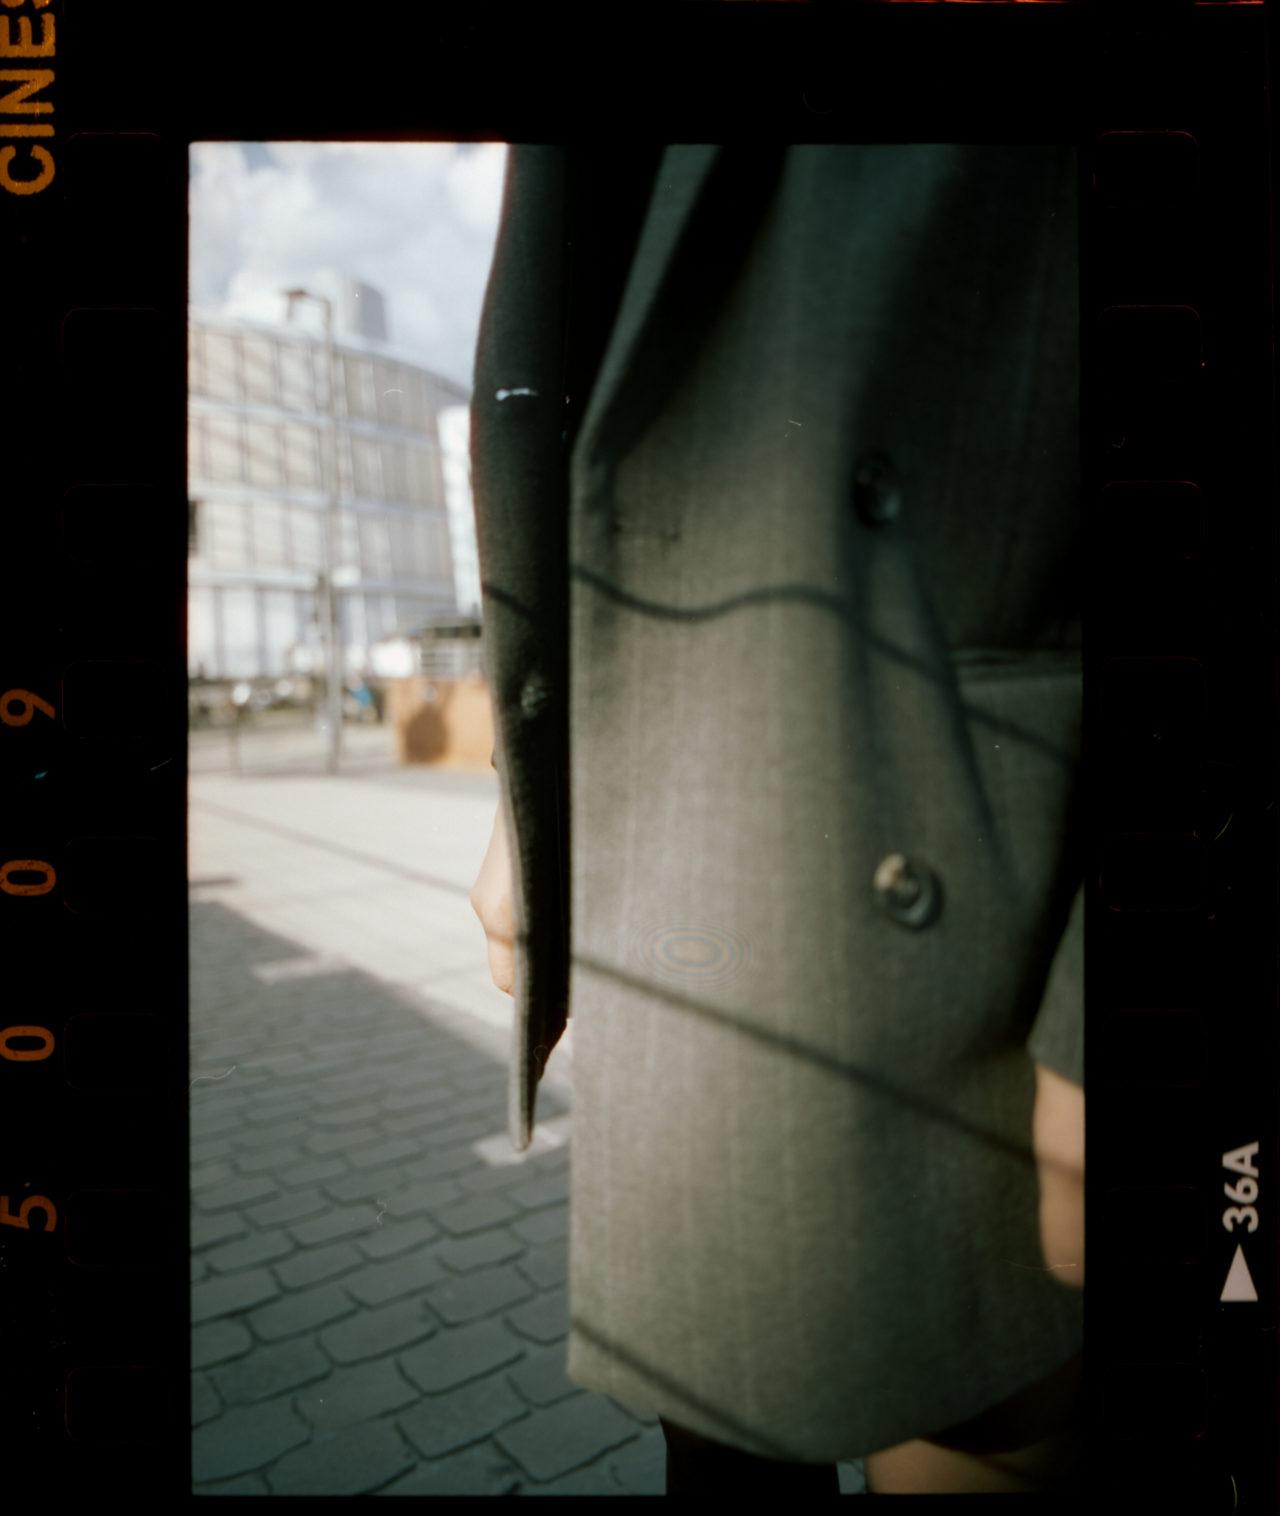 Chiara_Film_01_Streifen_09-8